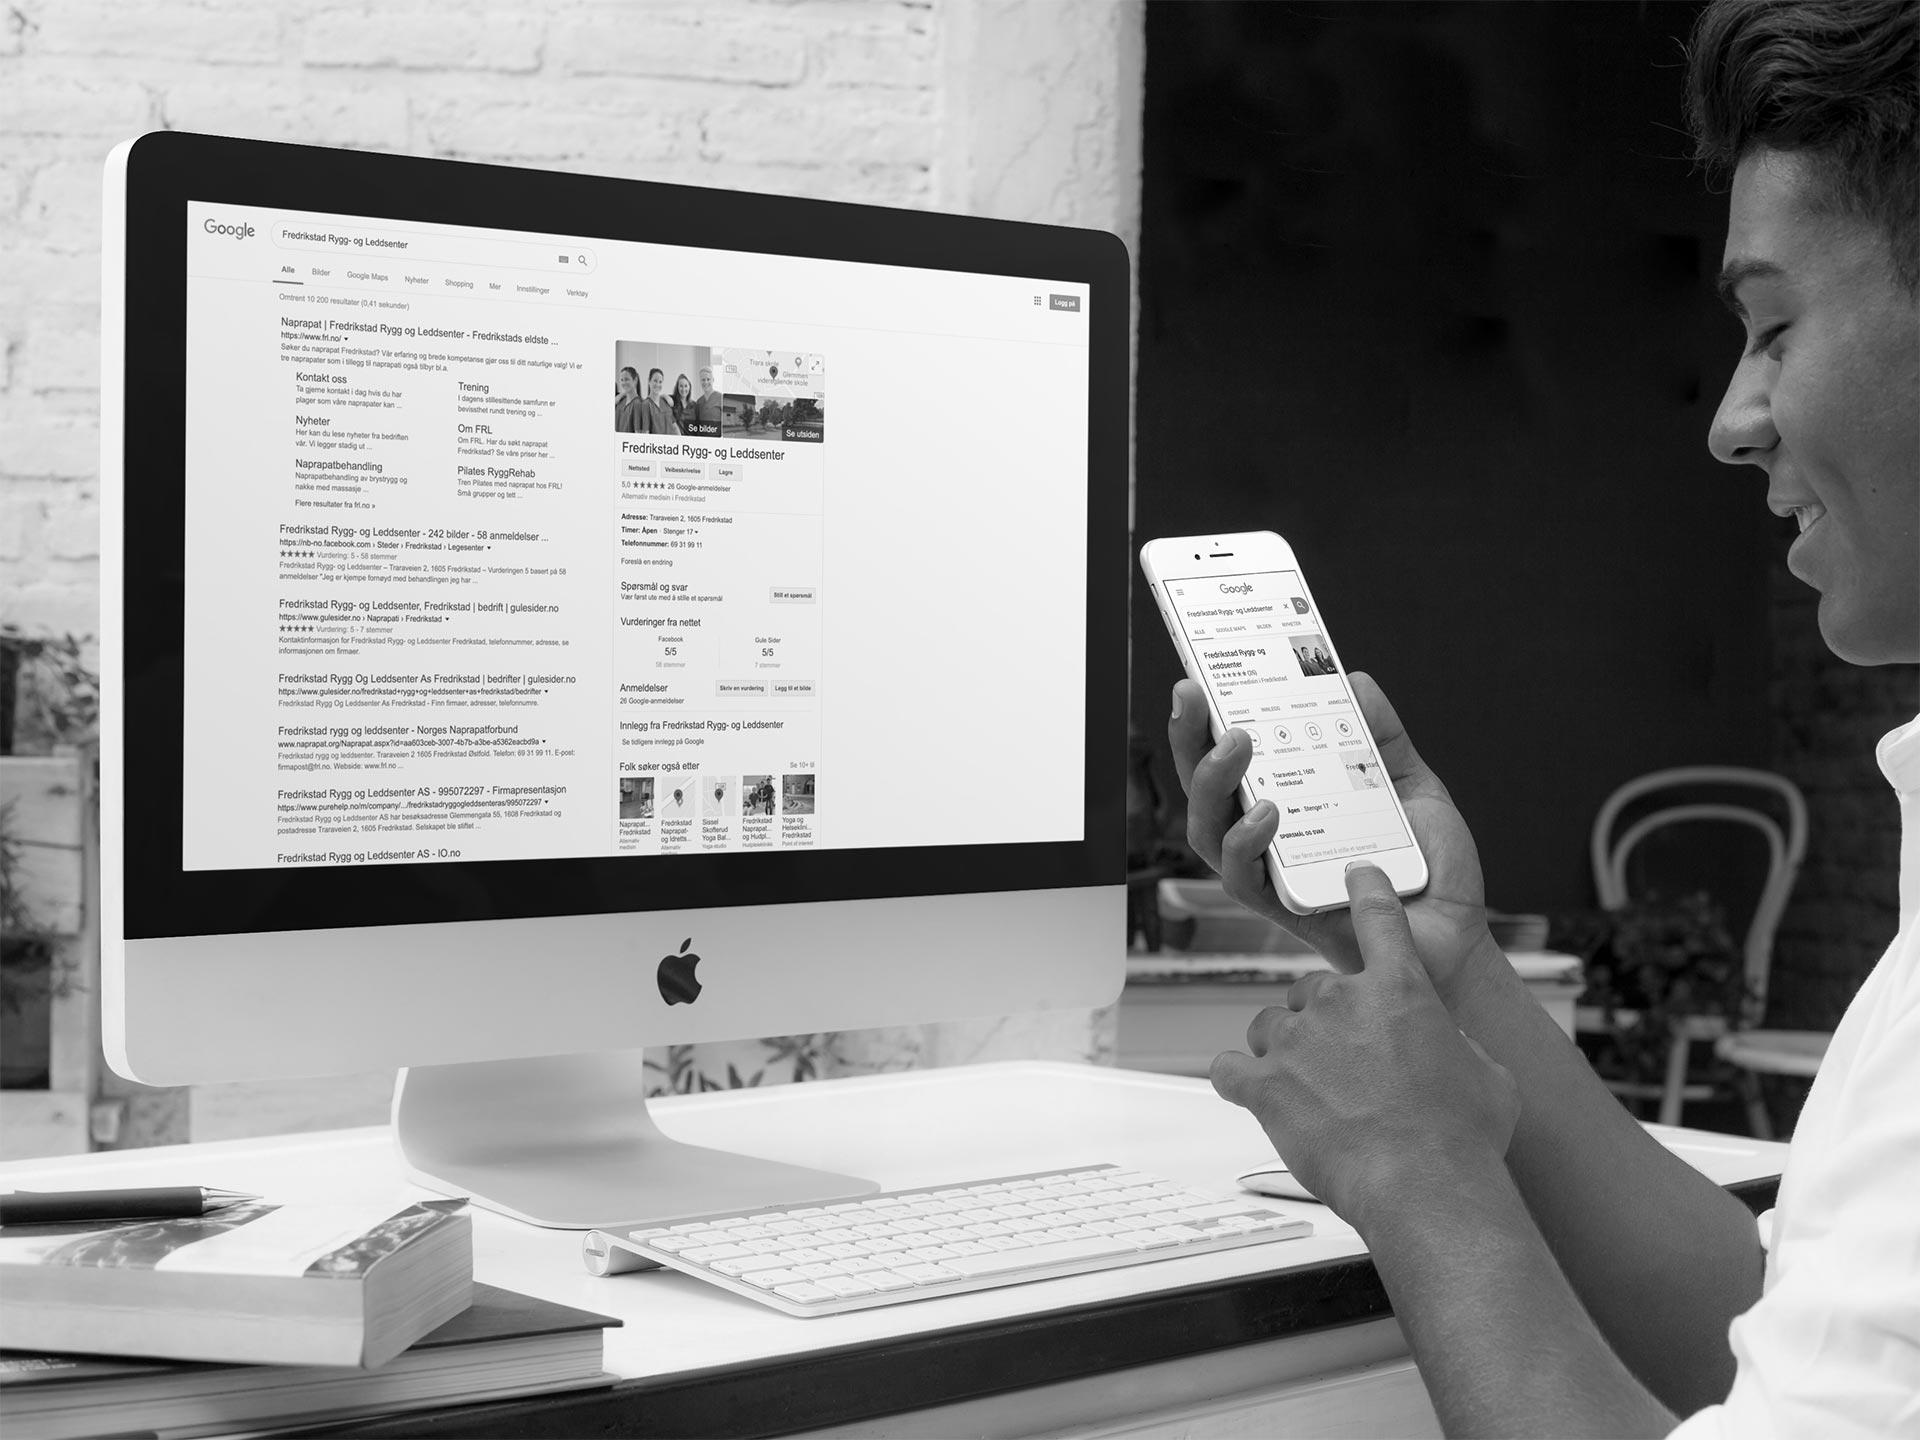 En mann ser på oppføringen av Google min bedrift for Fredrikstad rygg og leddsenter i Google